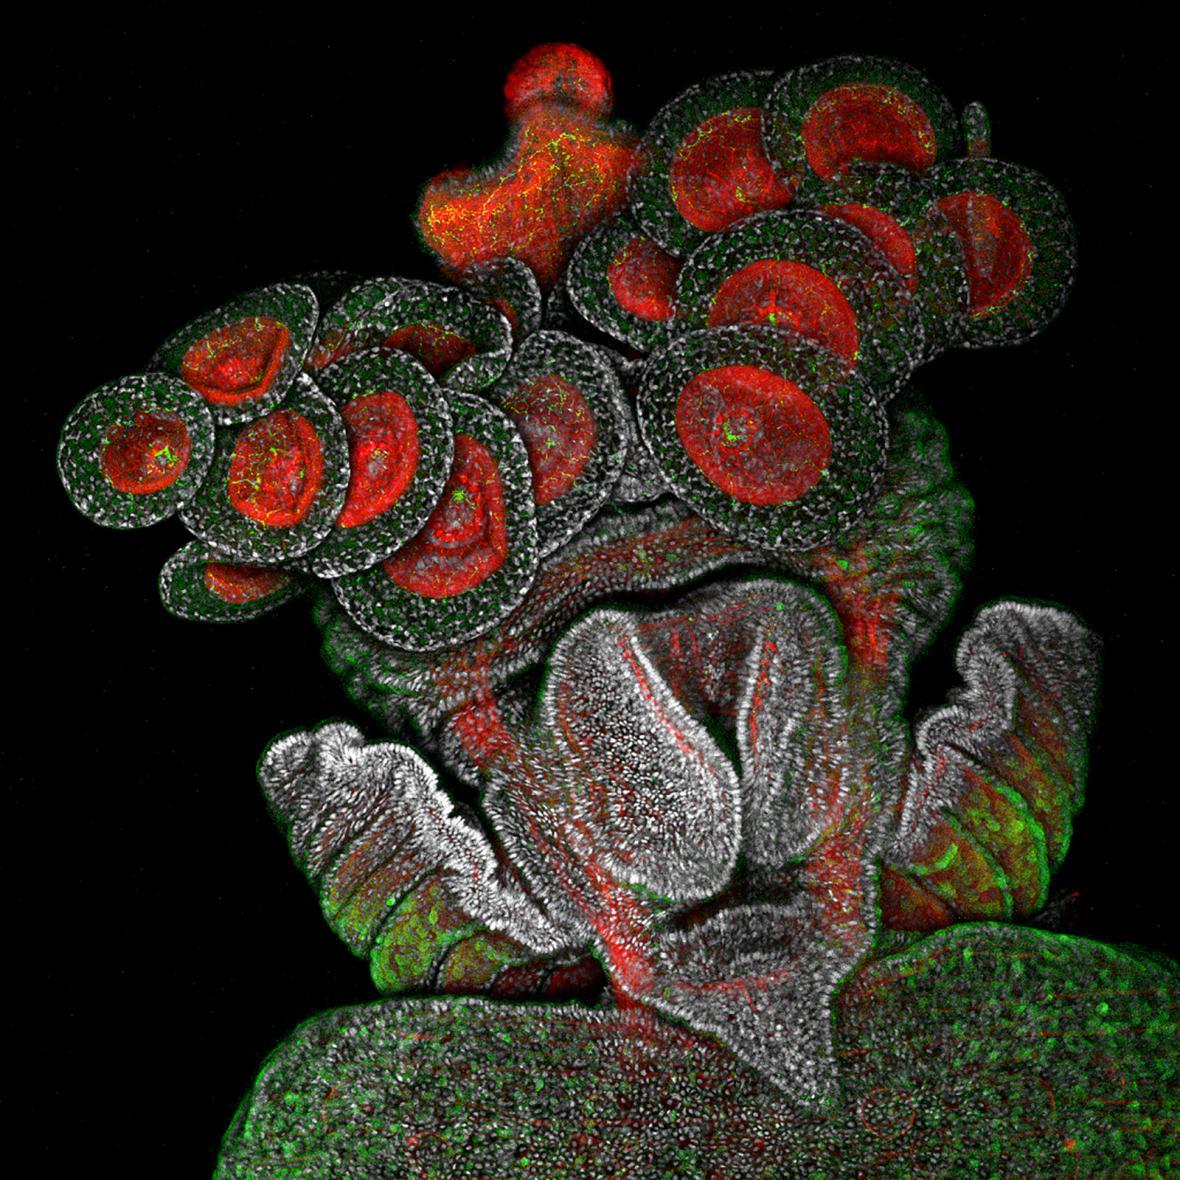 Vítěz fotosoutěže Nikon Small World: Oko brouka Metapocyrtus subquadrulifer (Spojené Arabské Emiráty)